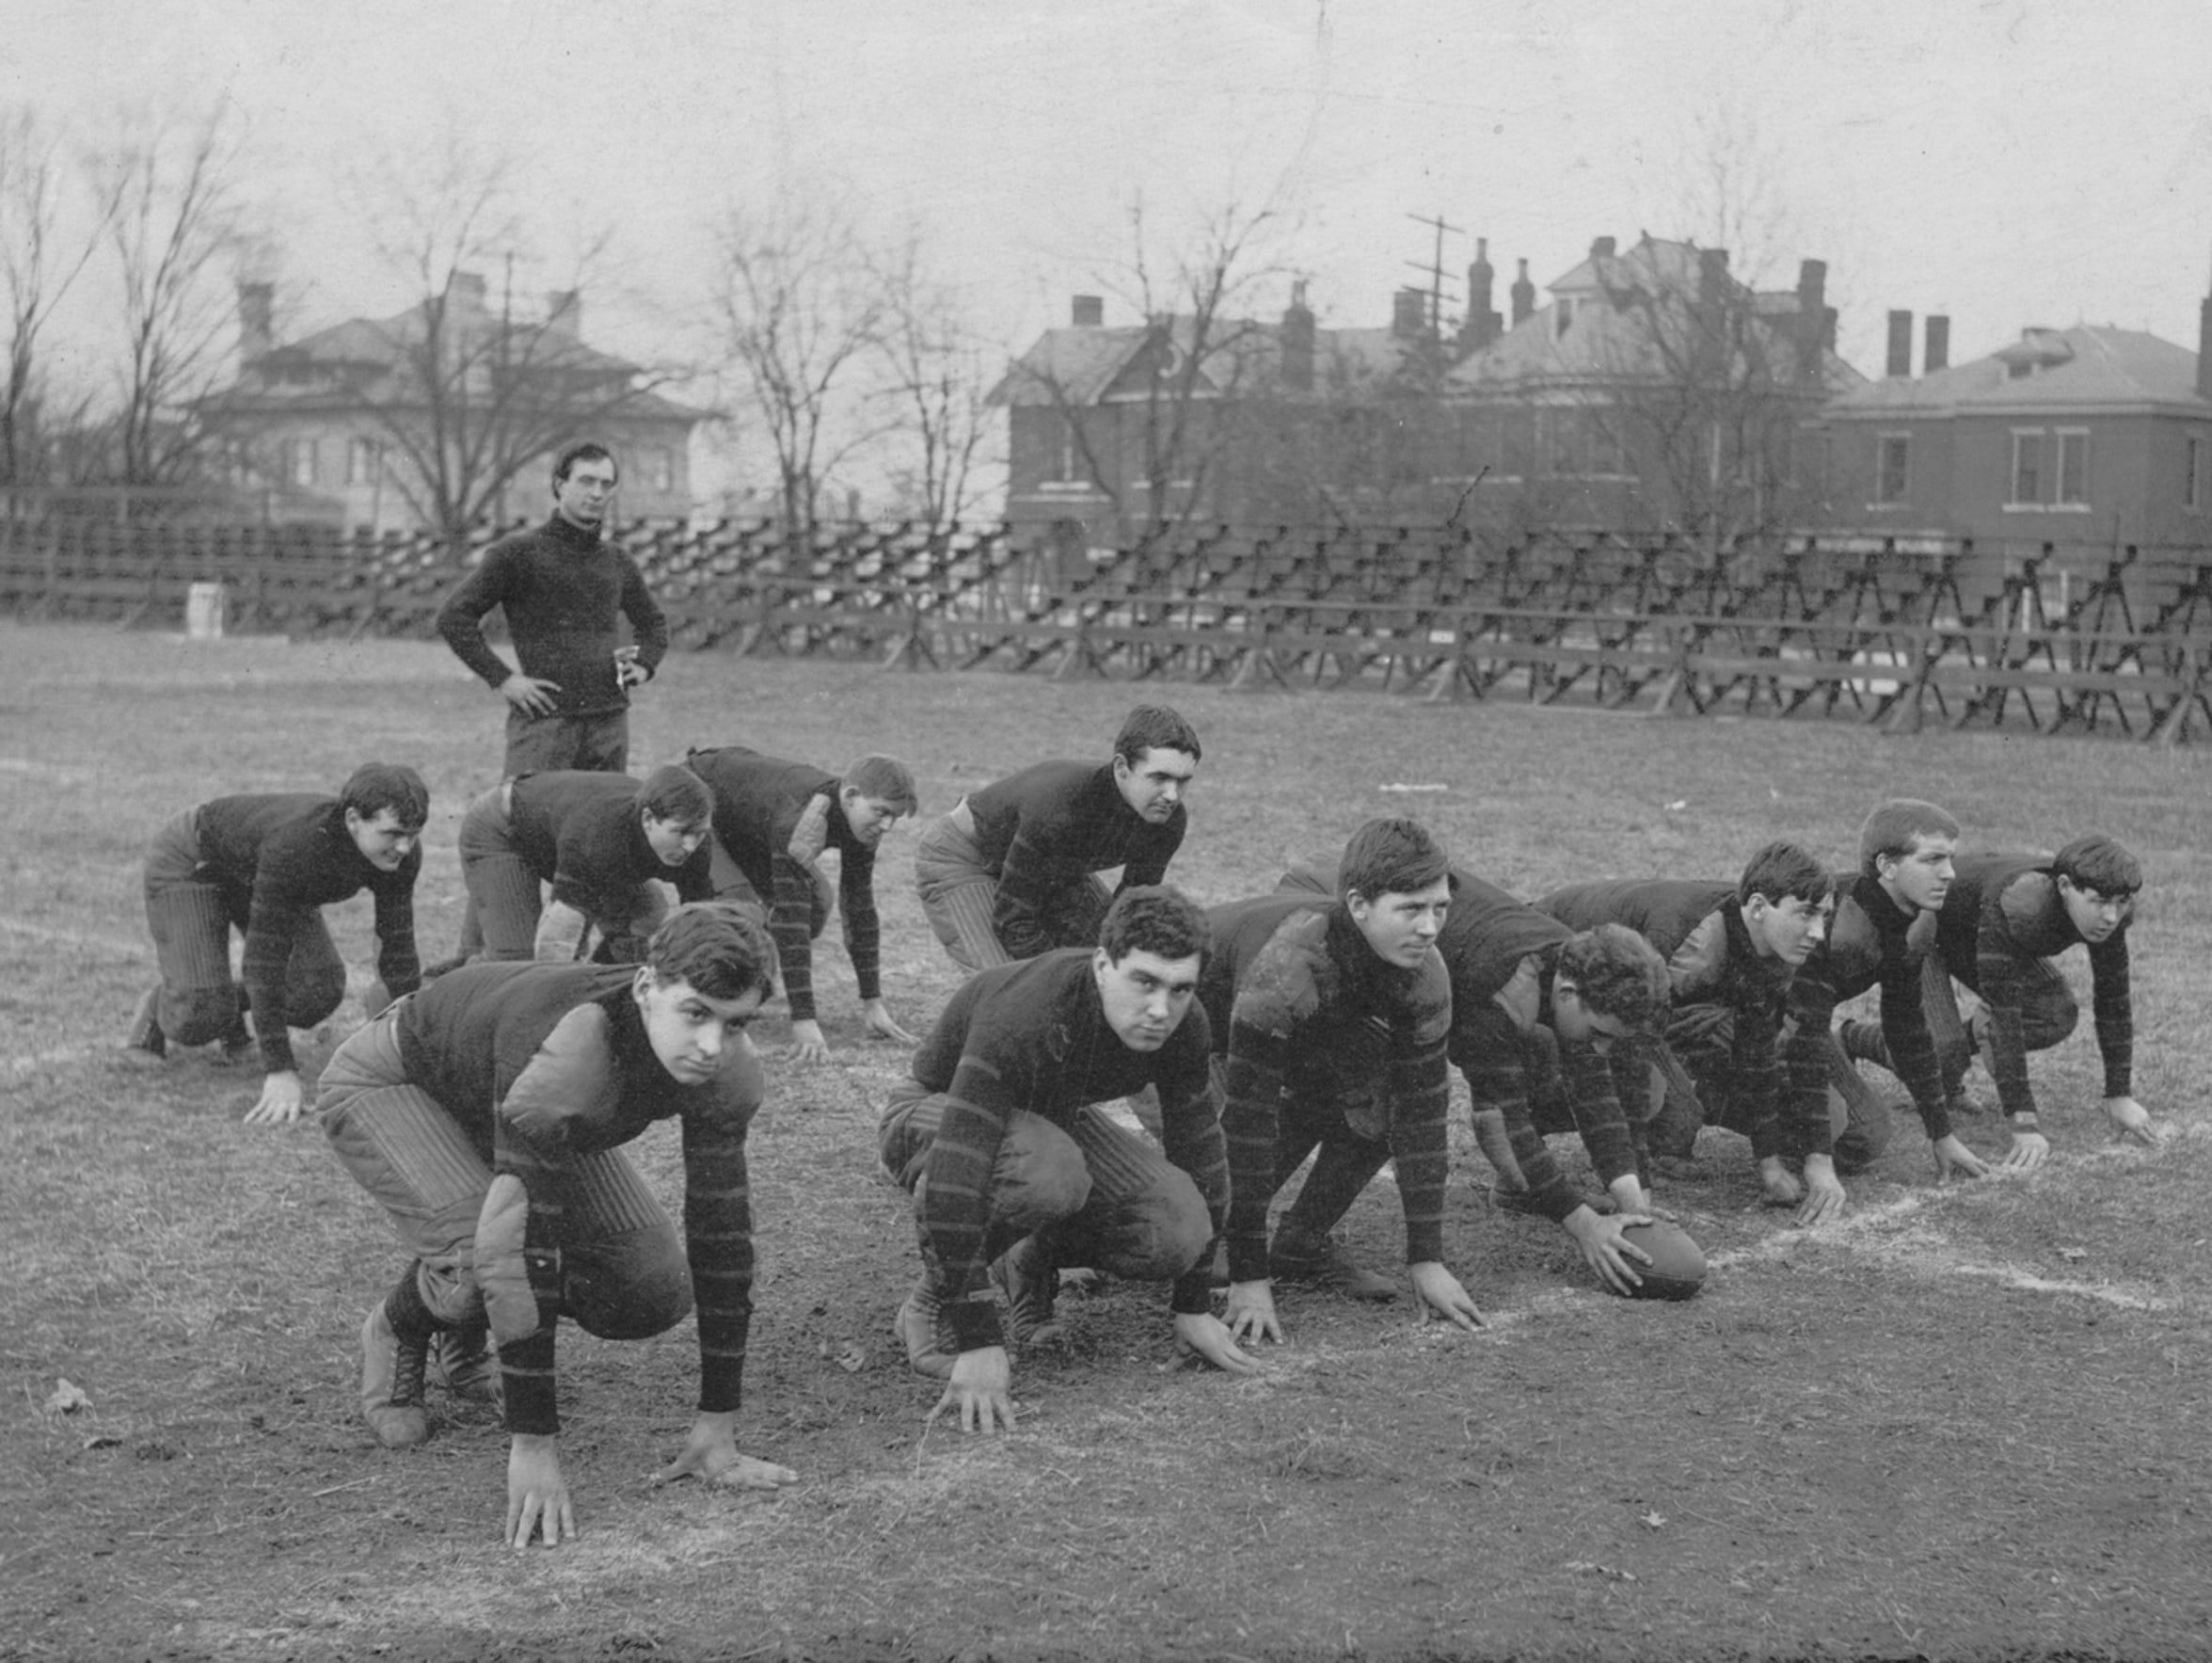 Vanderbilt coach Dan McGugin, standing, was amid his